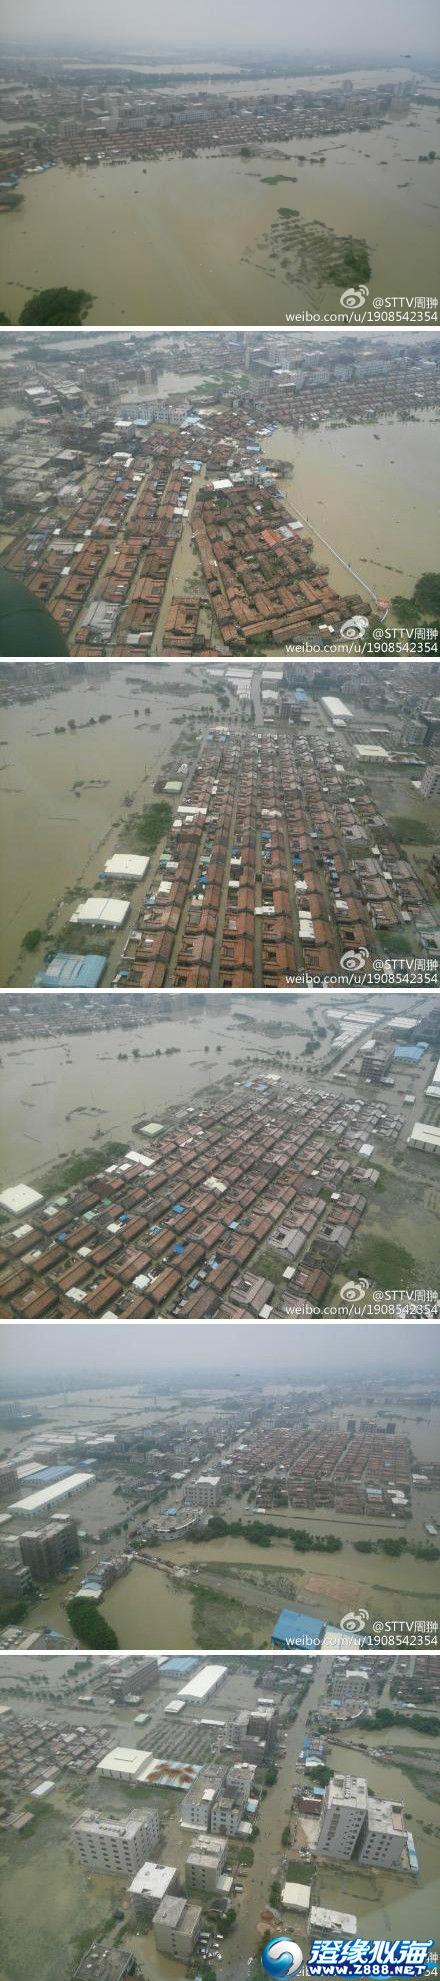 今天的航拍图片,潮南陈店,司马浦受灾十分严重,受浸第